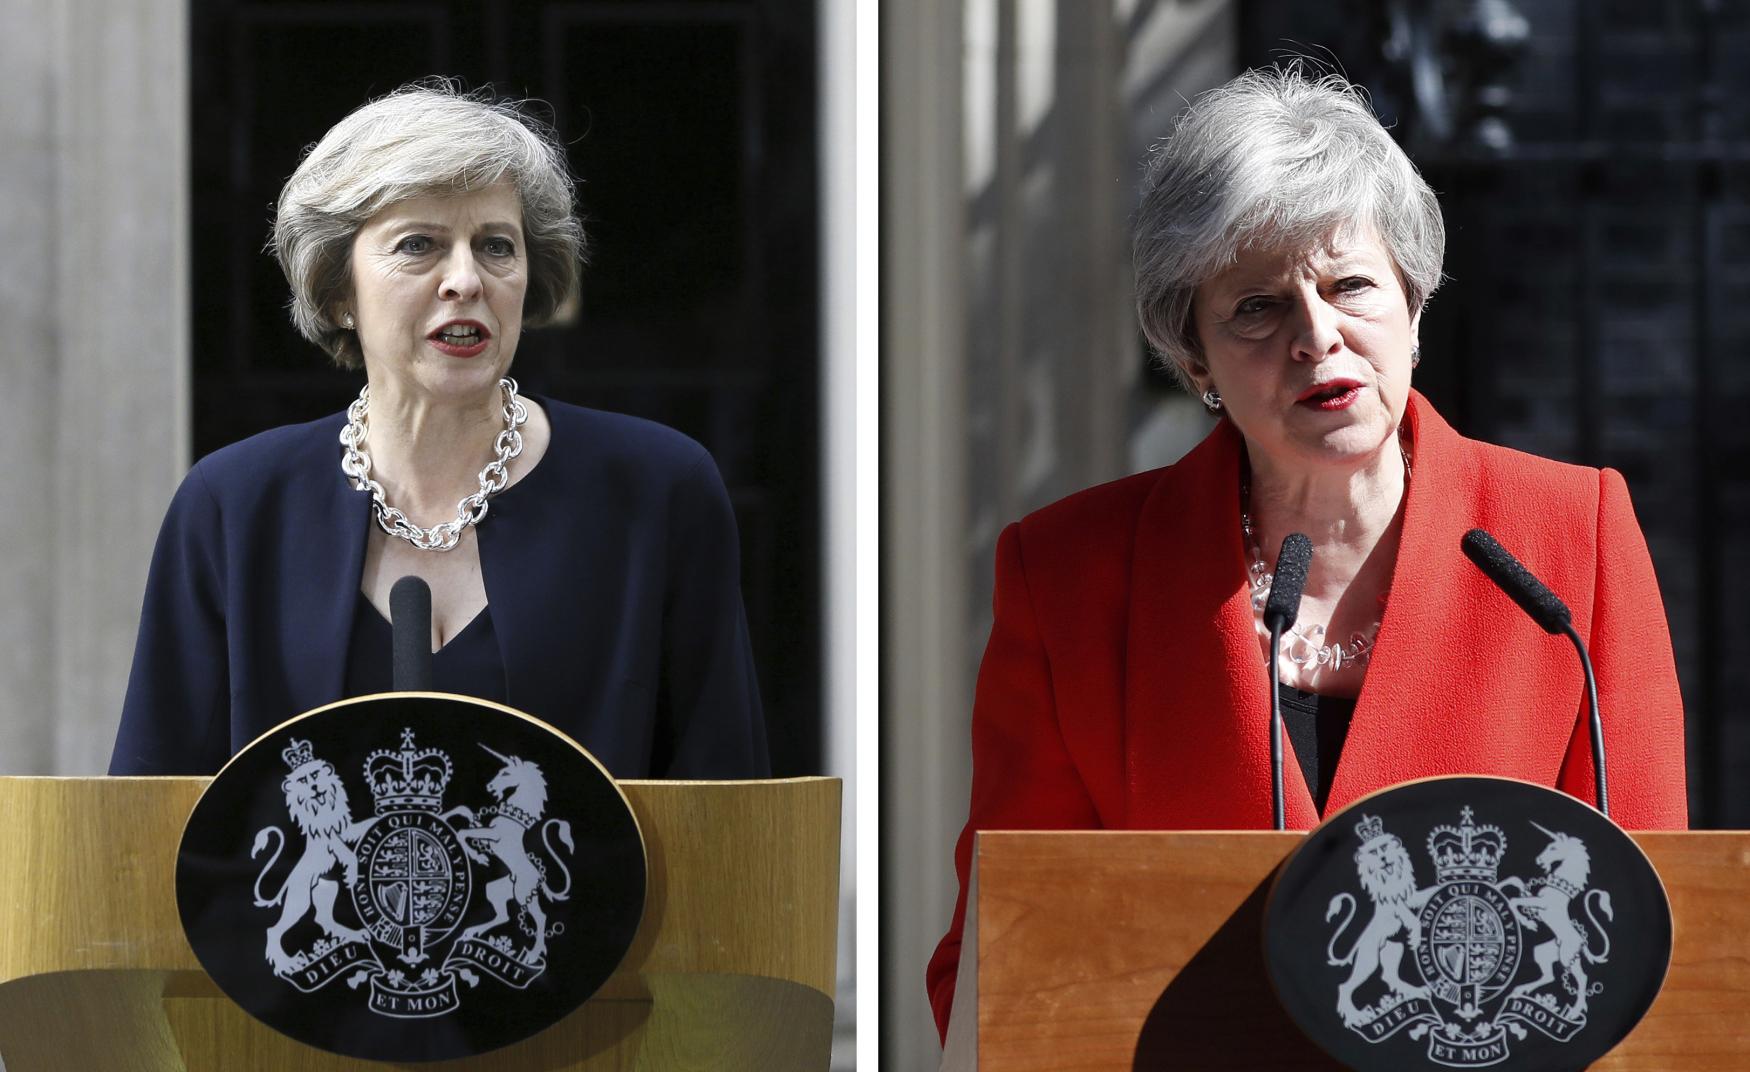 Theresa Mayová. Vlevo 13. července 2016, v den, kdy se stala britskou premiérkou. Vpravo 24. května 2019 v den, kdy oznámila, že ve funkci končí